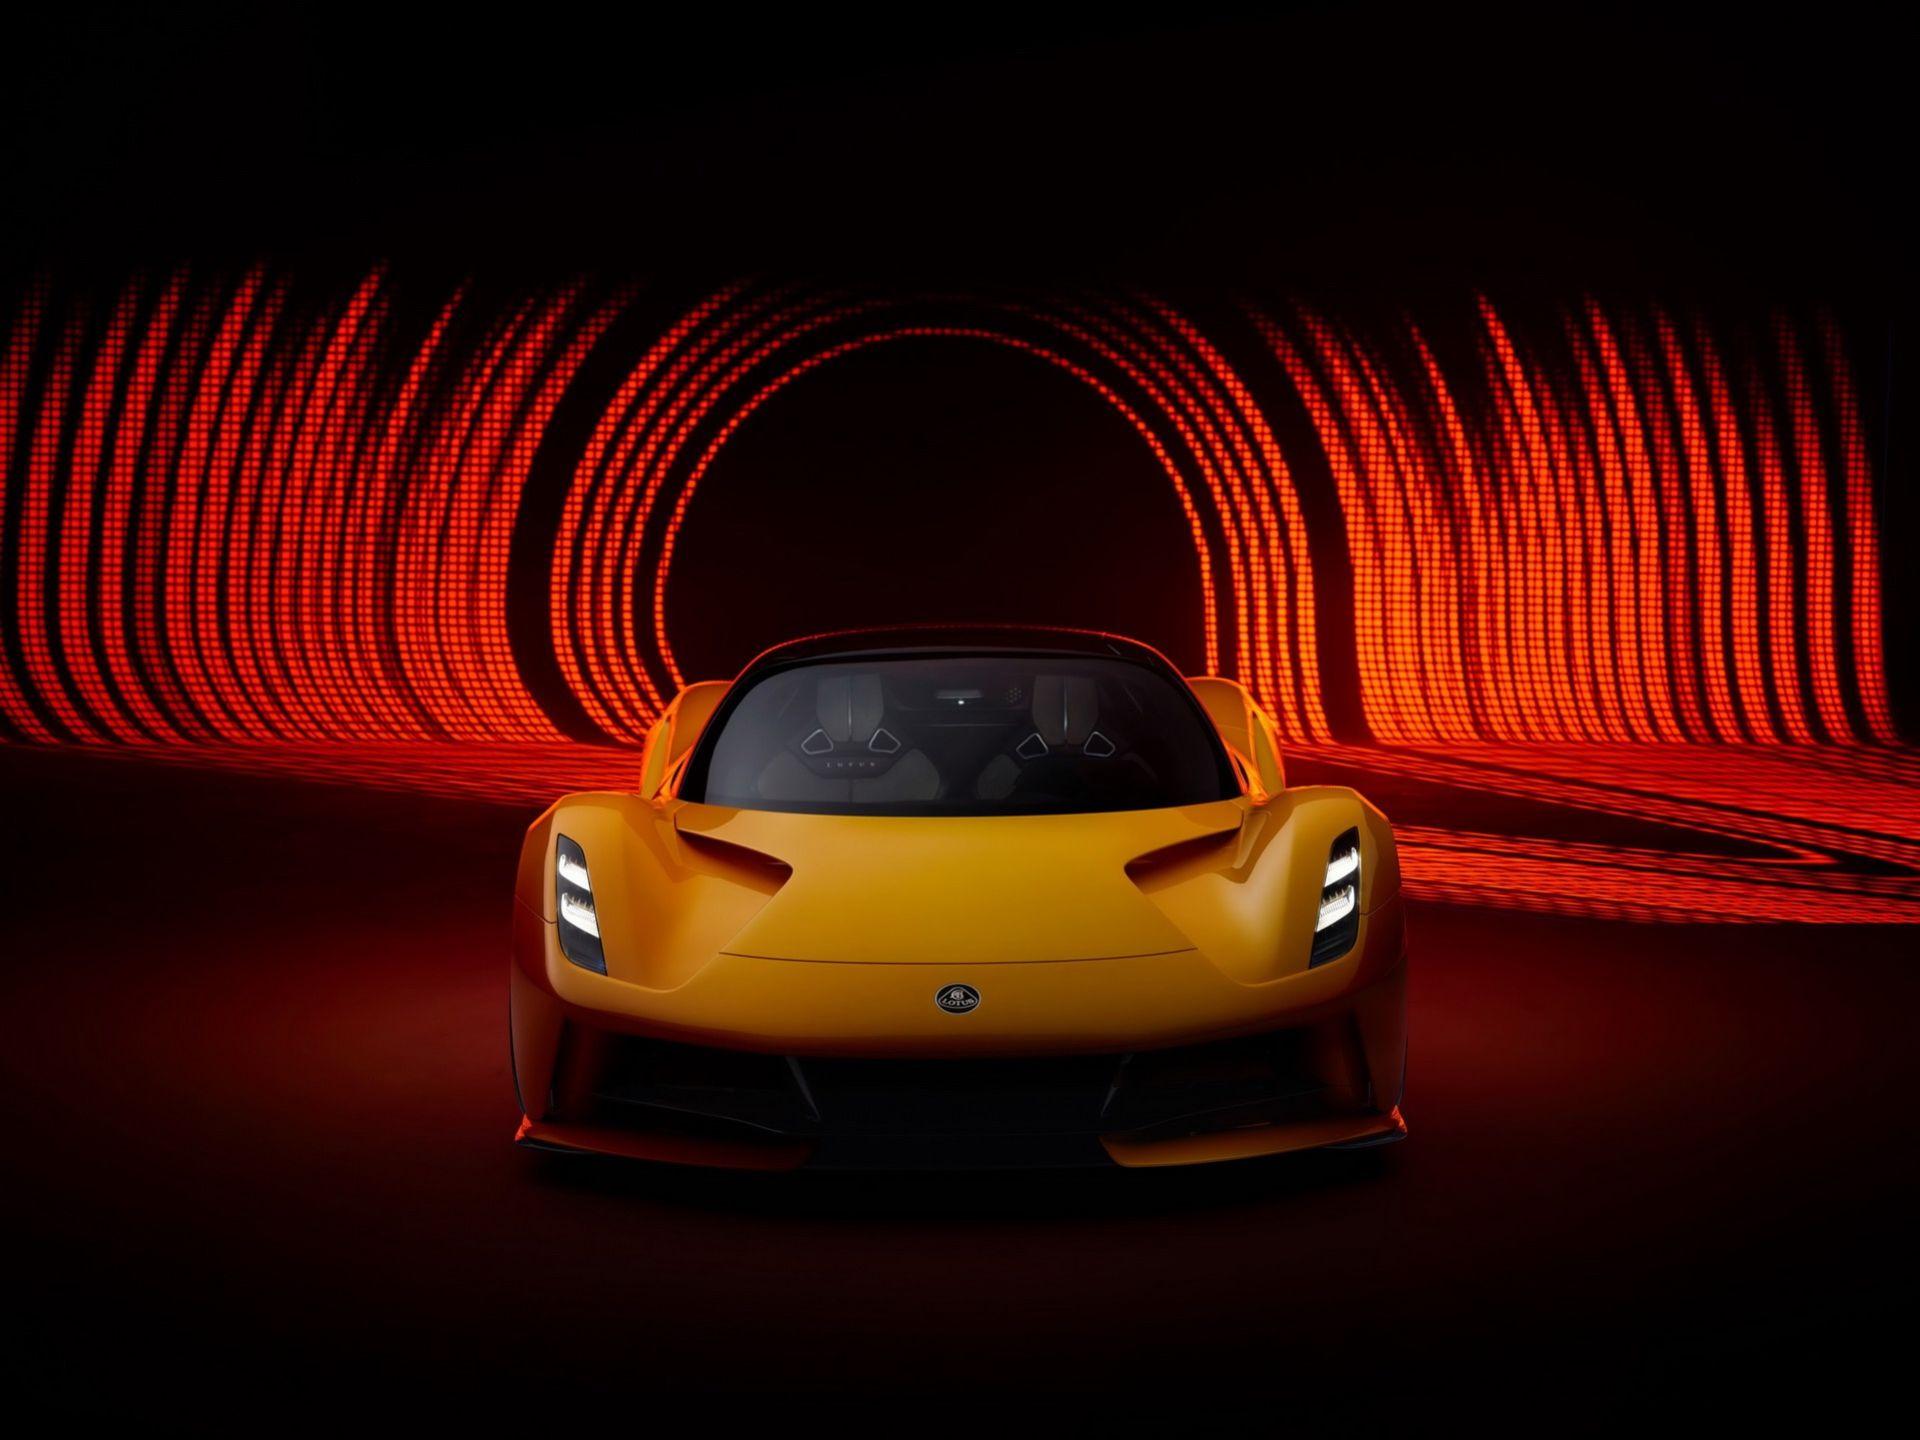 Lotus Evija får ljud från klassisk Formel 1-bil